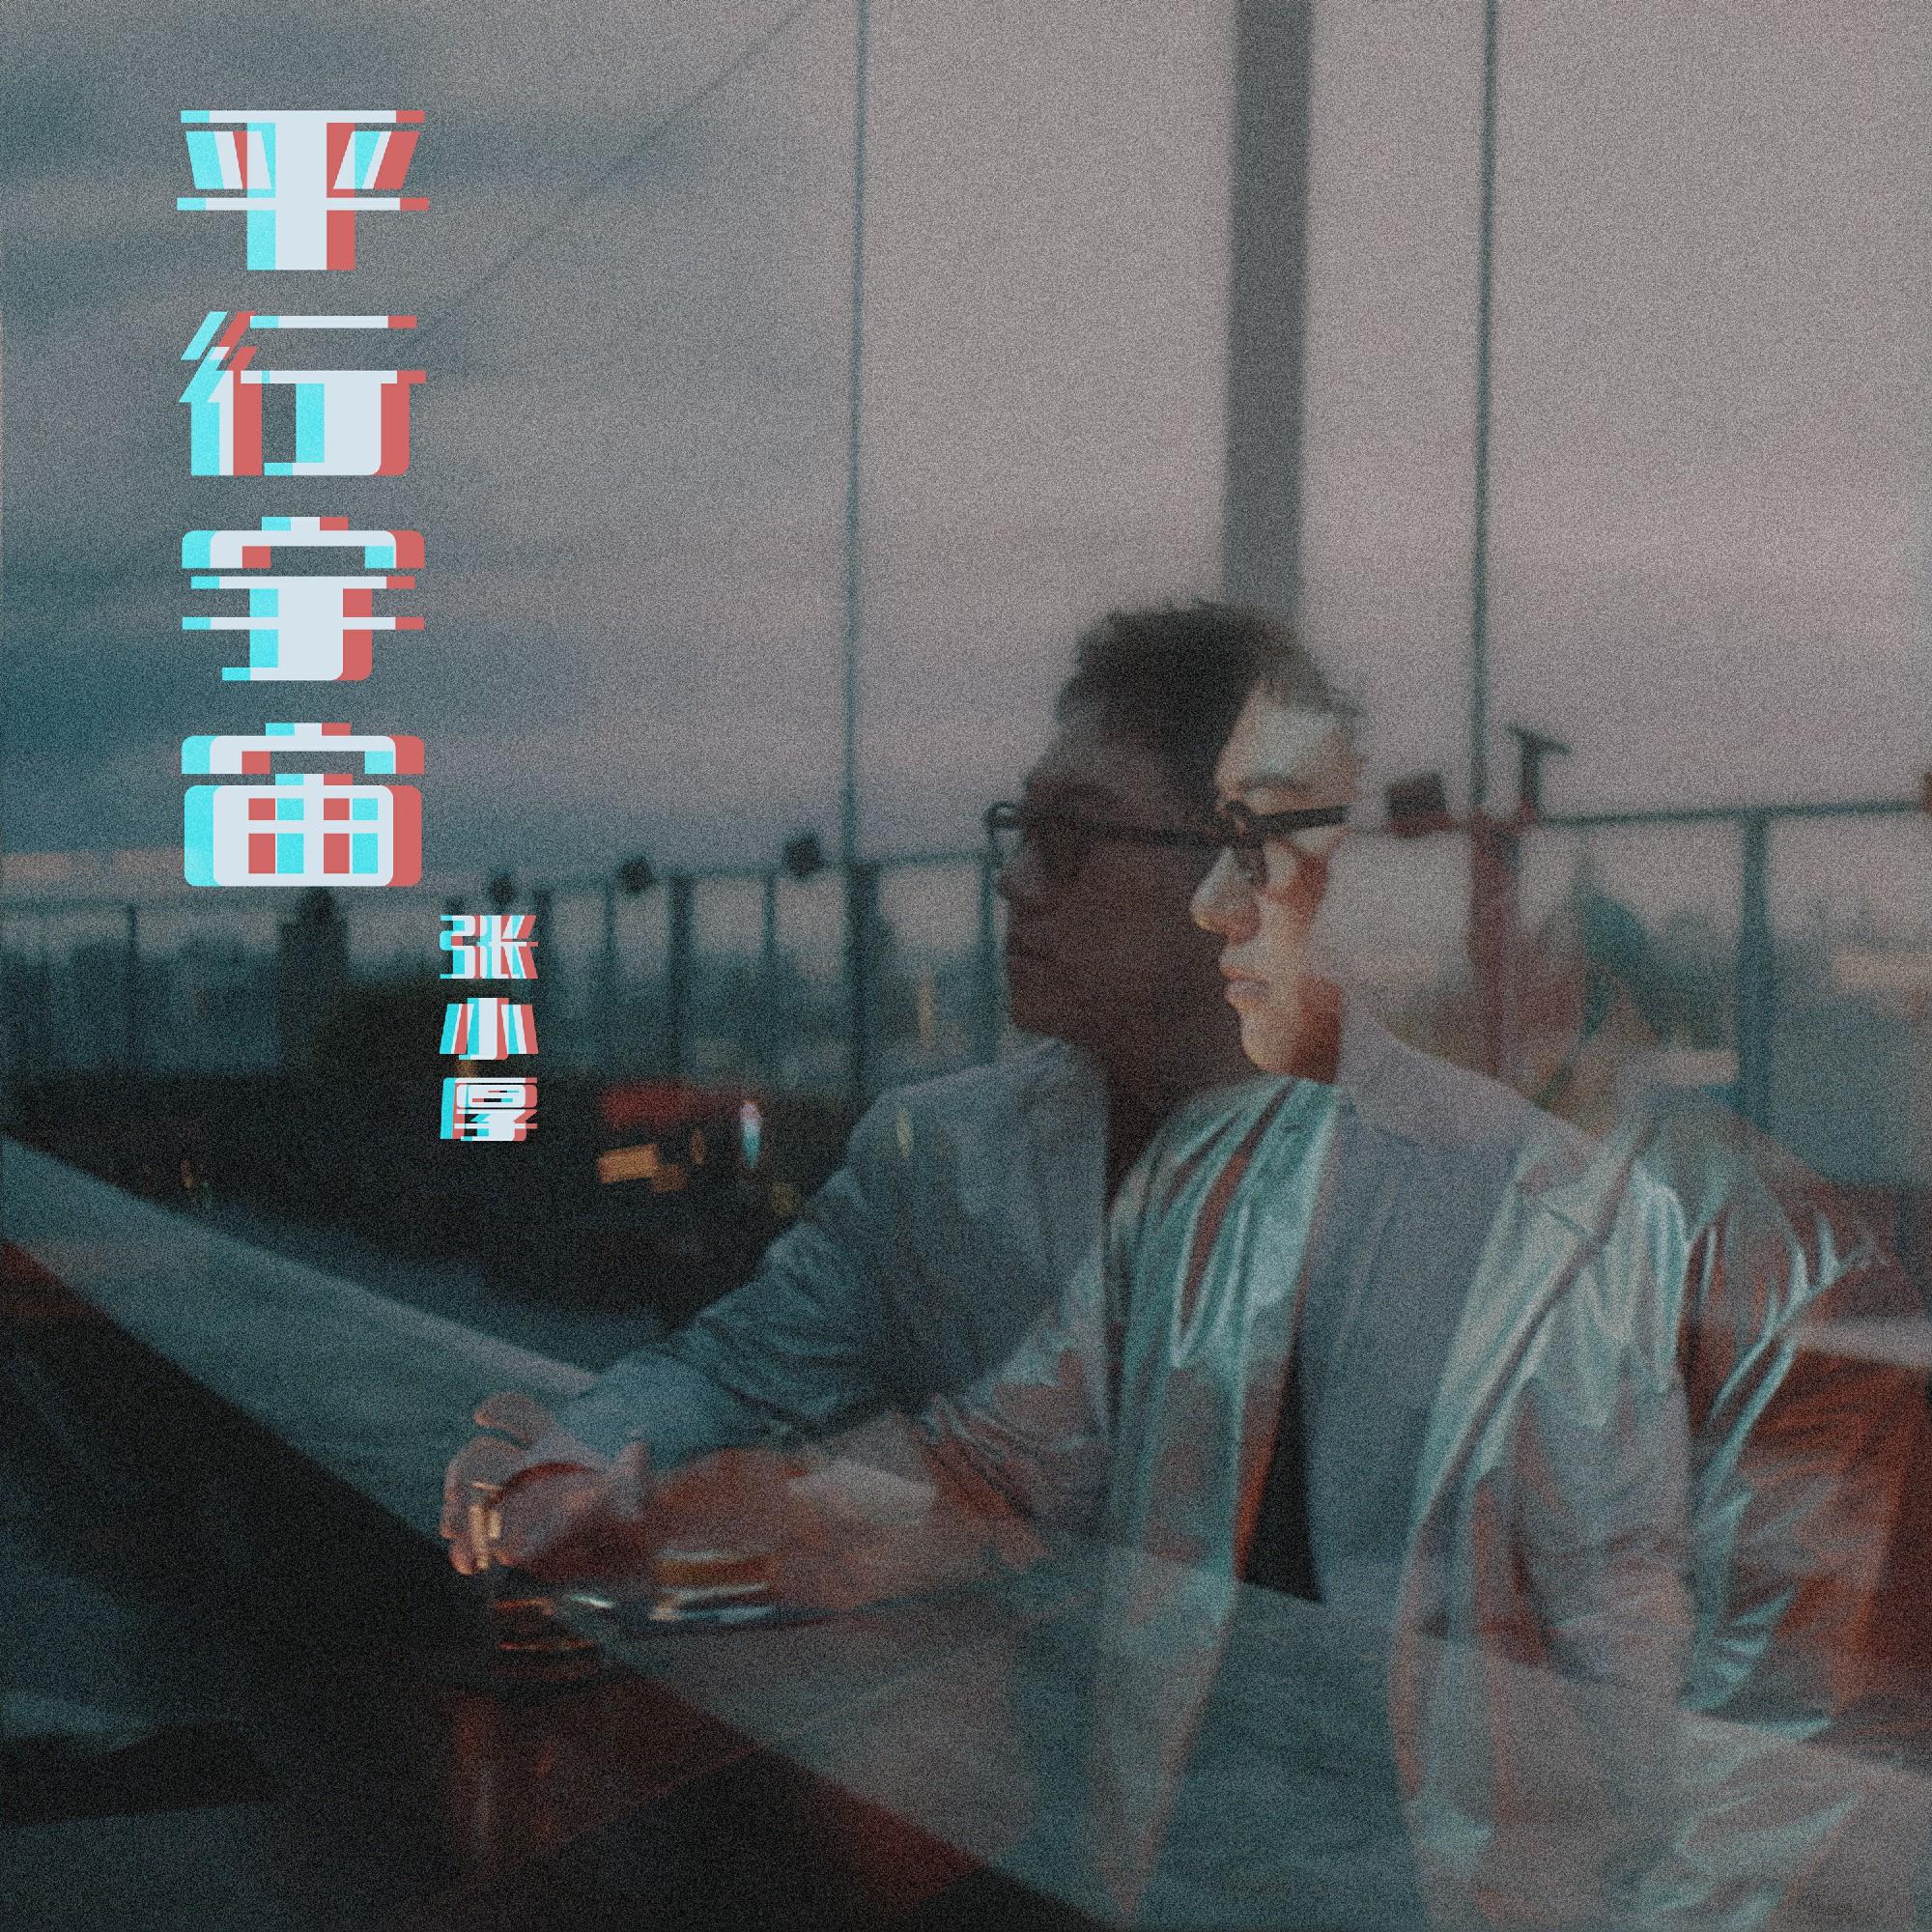 """张小厚《平行宇宙》MV今日上线 变身""""灵魂舞者""""展多元音乐审美"""